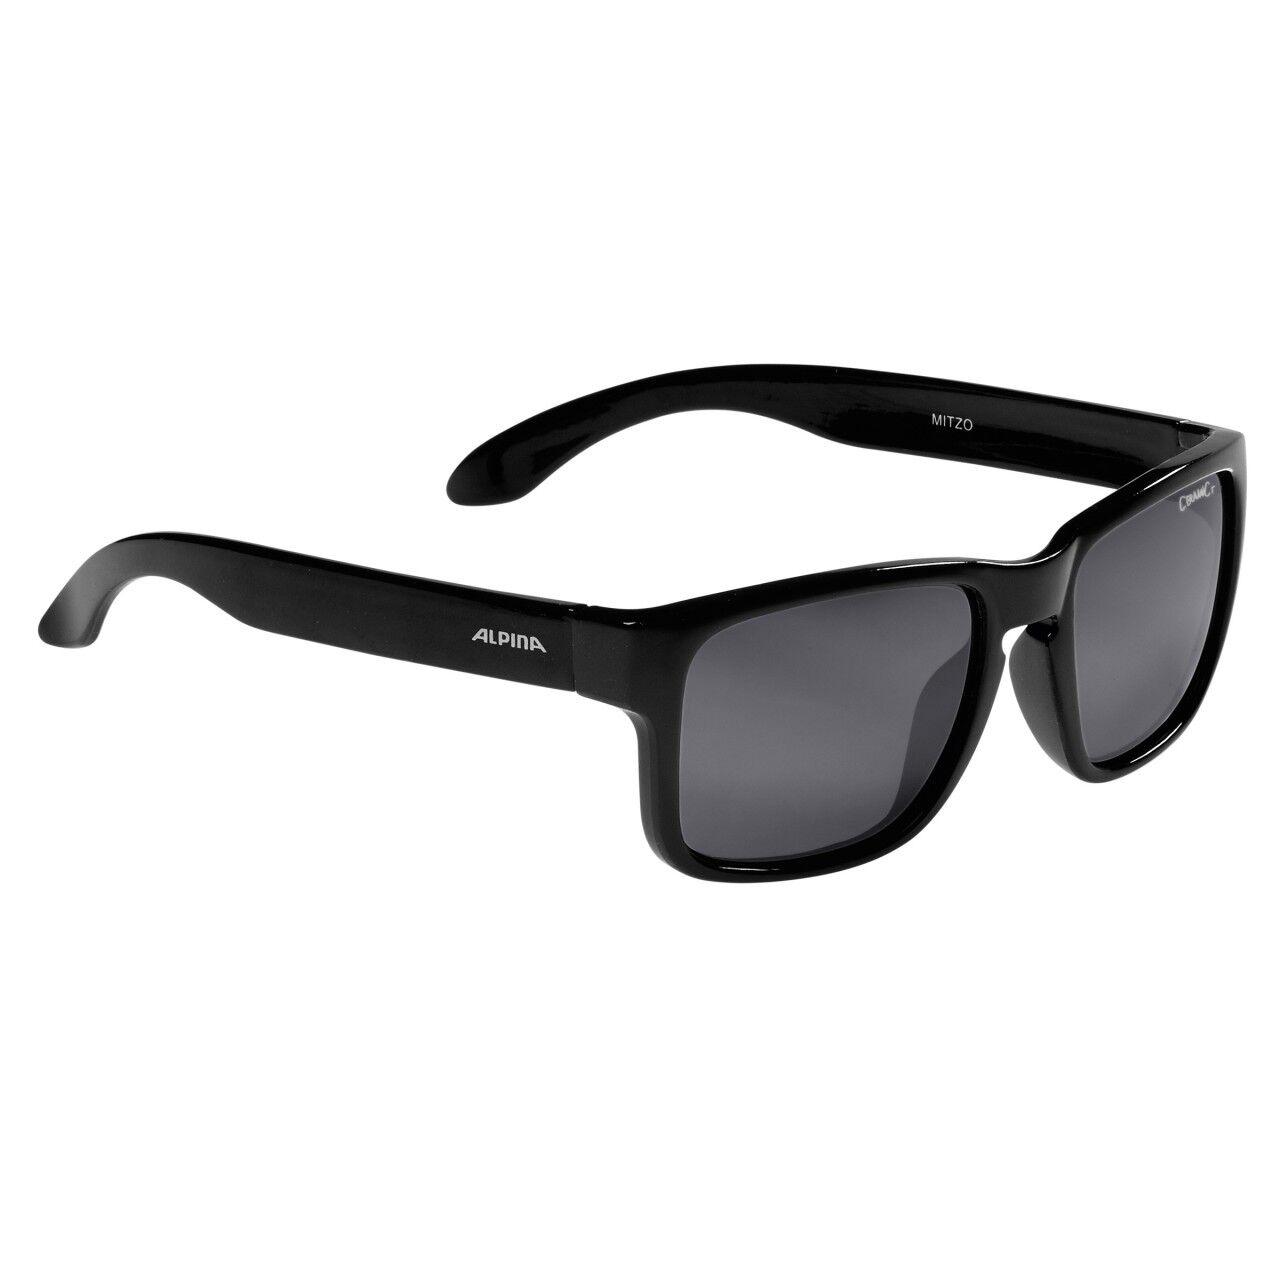 Alpina Kinder Fahrradbrille Sportbrille Sonnenbrille Brille MITZO black